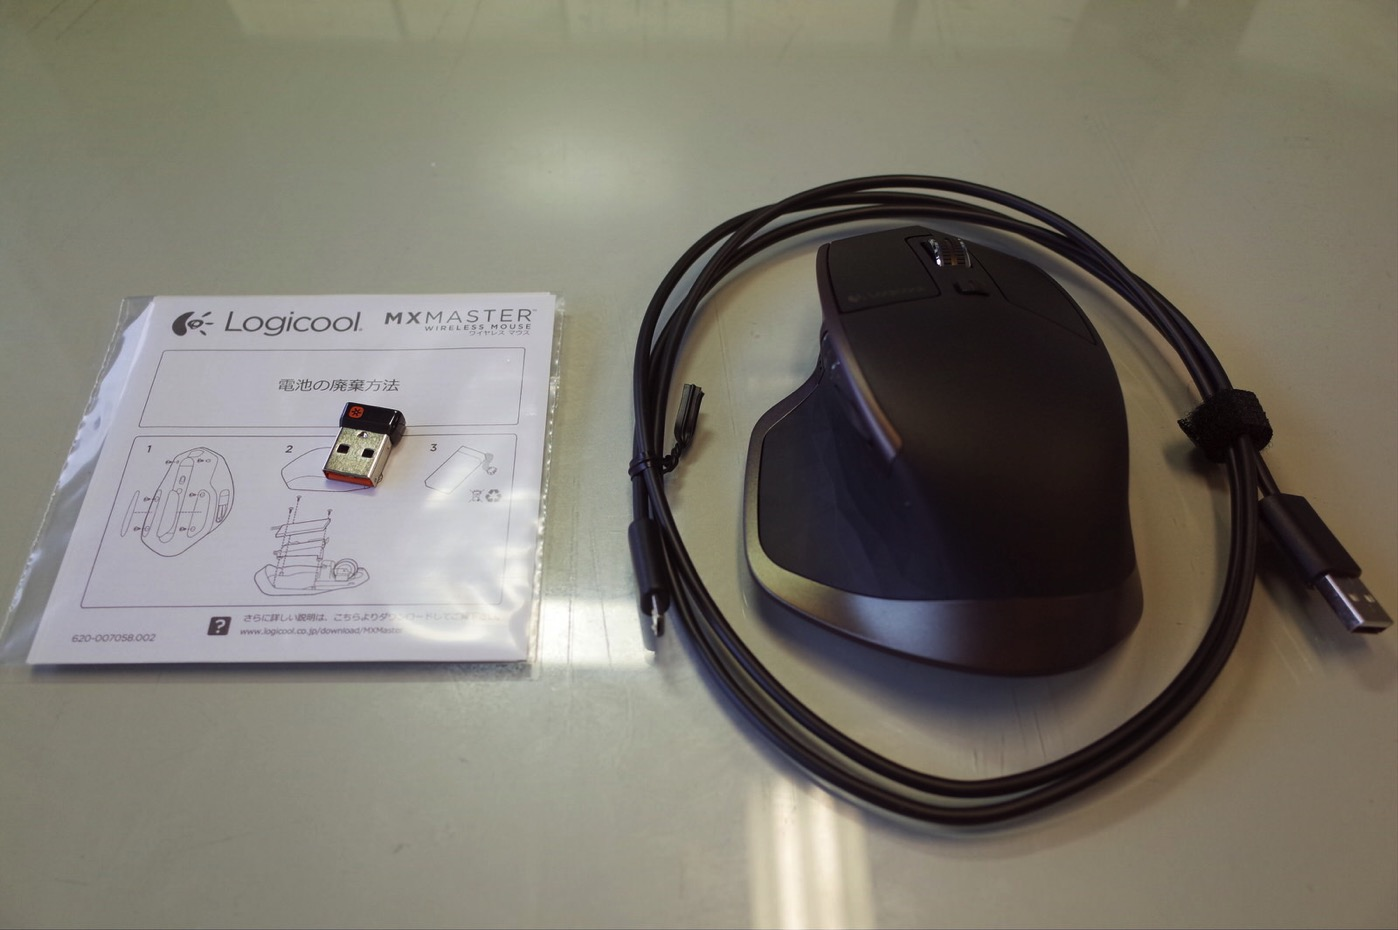 Logicool ロジクール MX2000 MX Master ワイヤレスマウス BluetoothSmart・USB接続  Windows/Mac OS 対応-5